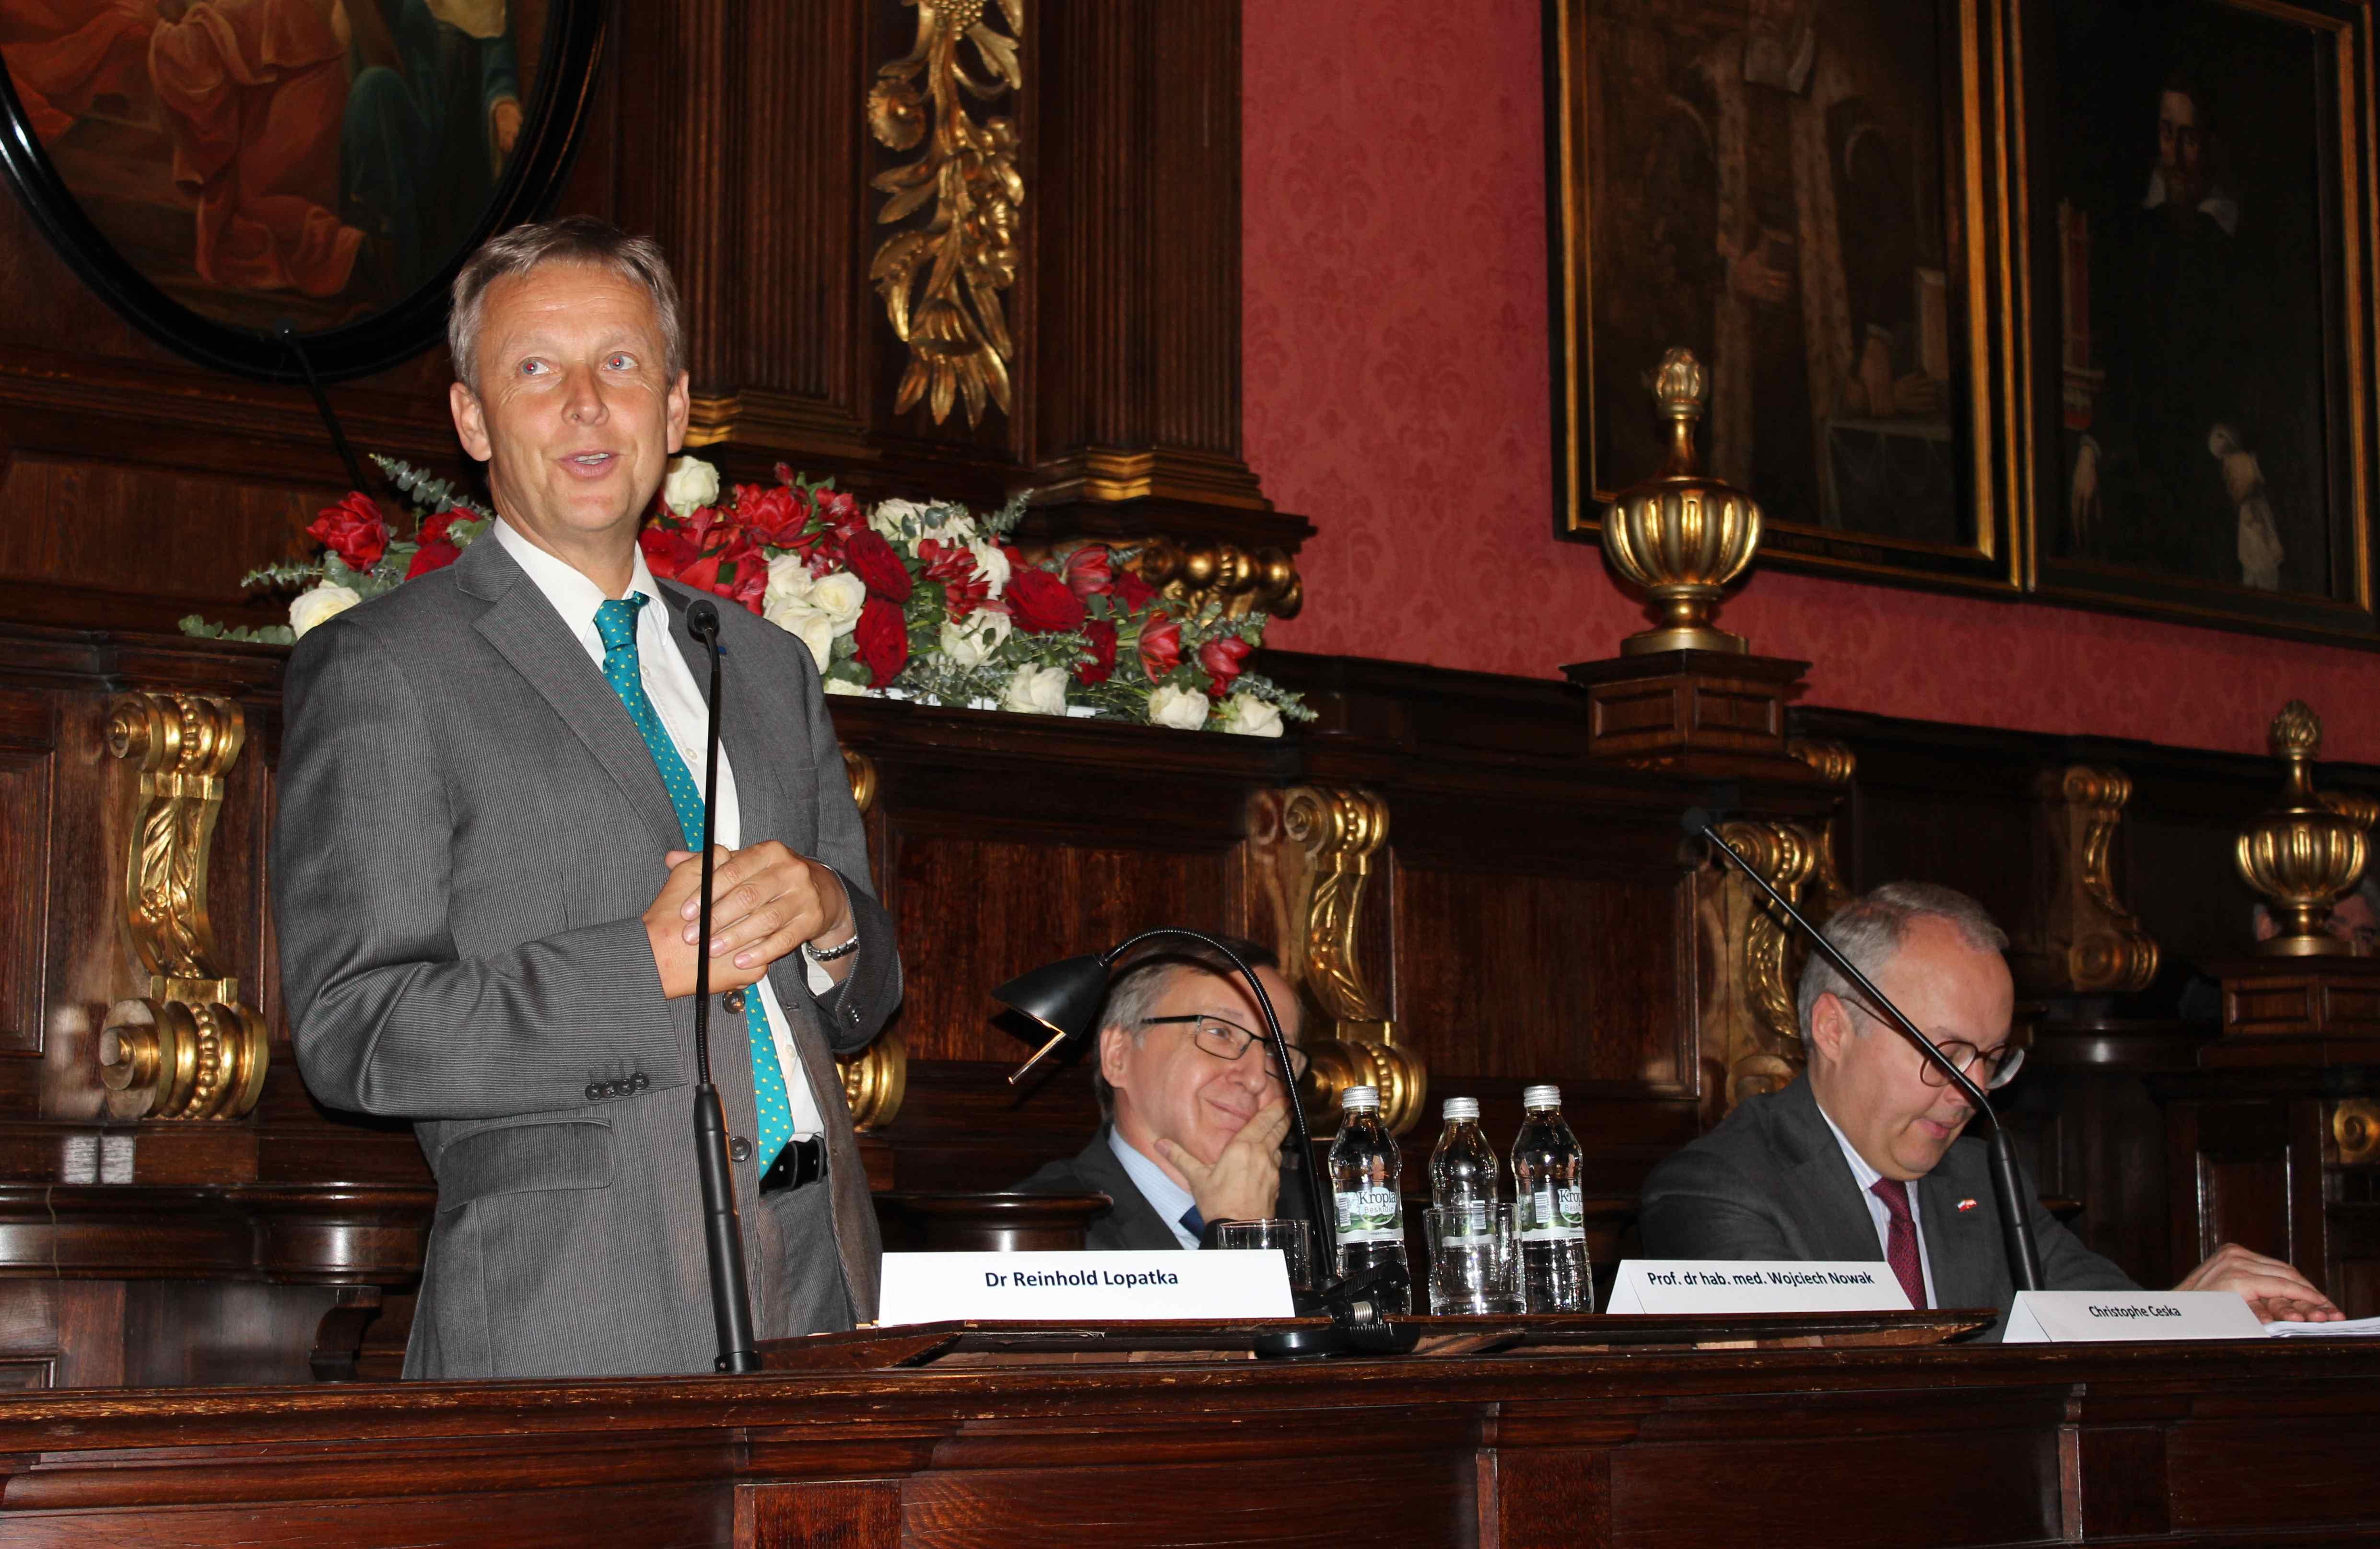 (c) BMEIA, STS Lopatka hält einen Vortrag an der Jagiellonen-Universität in Krakau